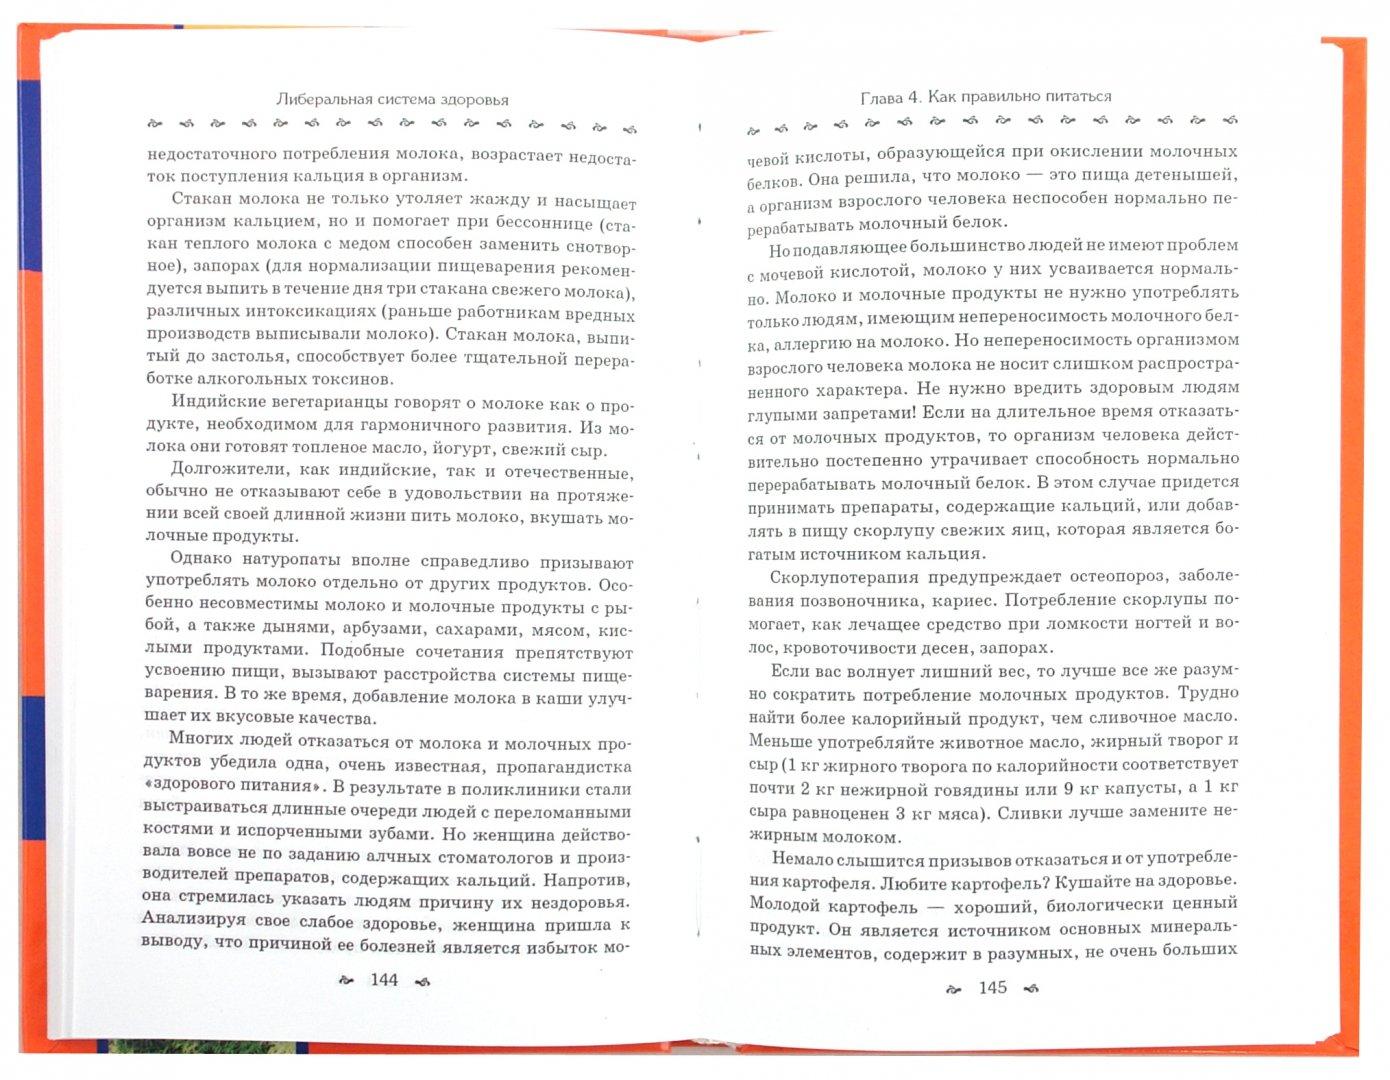 Иллюстрация 1 из 22 для Либеральная система здоровья - Алексей Большаков | Лабиринт - книги. Источник: Лабиринт